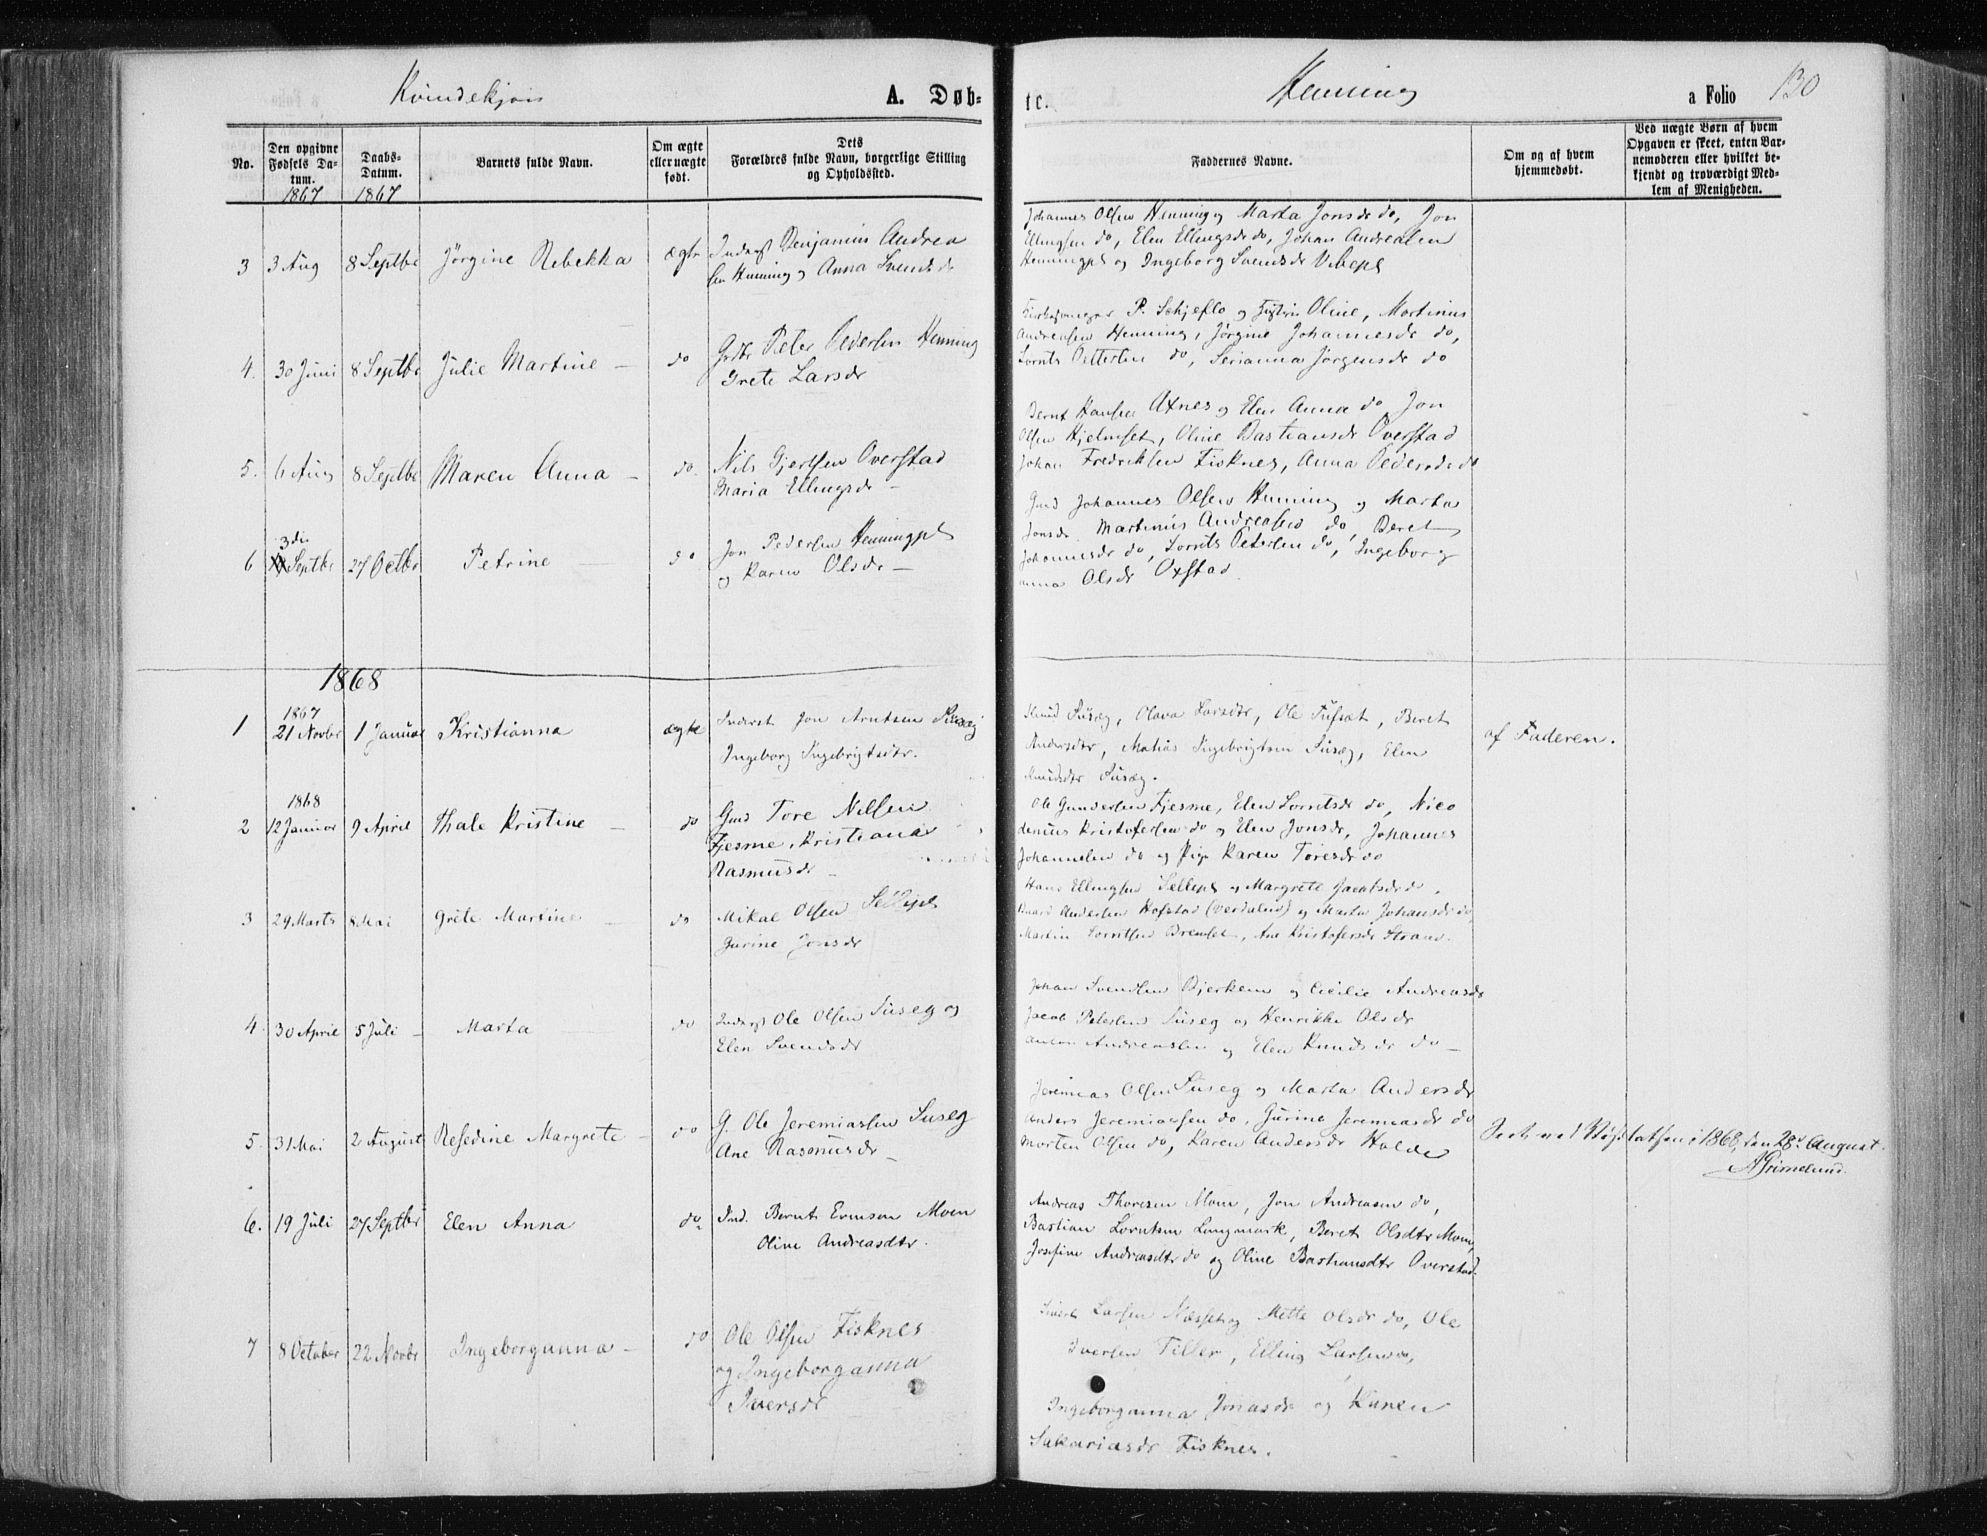 SAT, Ministerialprotokoller, klokkerbøker og fødselsregistre - Nord-Trøndelag, 735/L0345: Ministerialbok nr. 735A08 /3, 1863-1872, s. 130